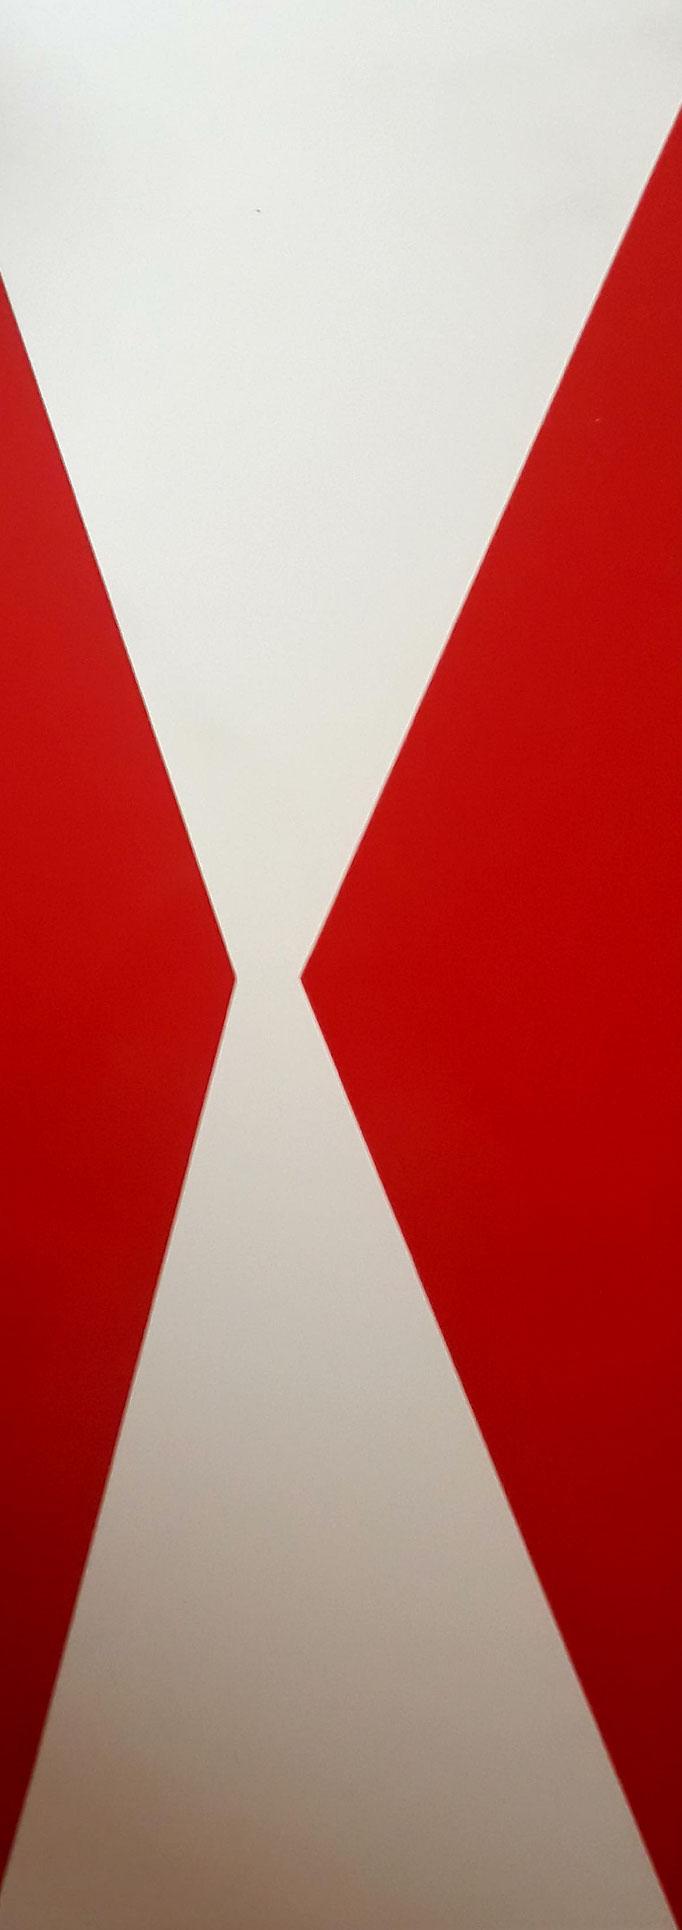 Horizonte IX, Folie auf Plattenträger, 80 x 30 cm